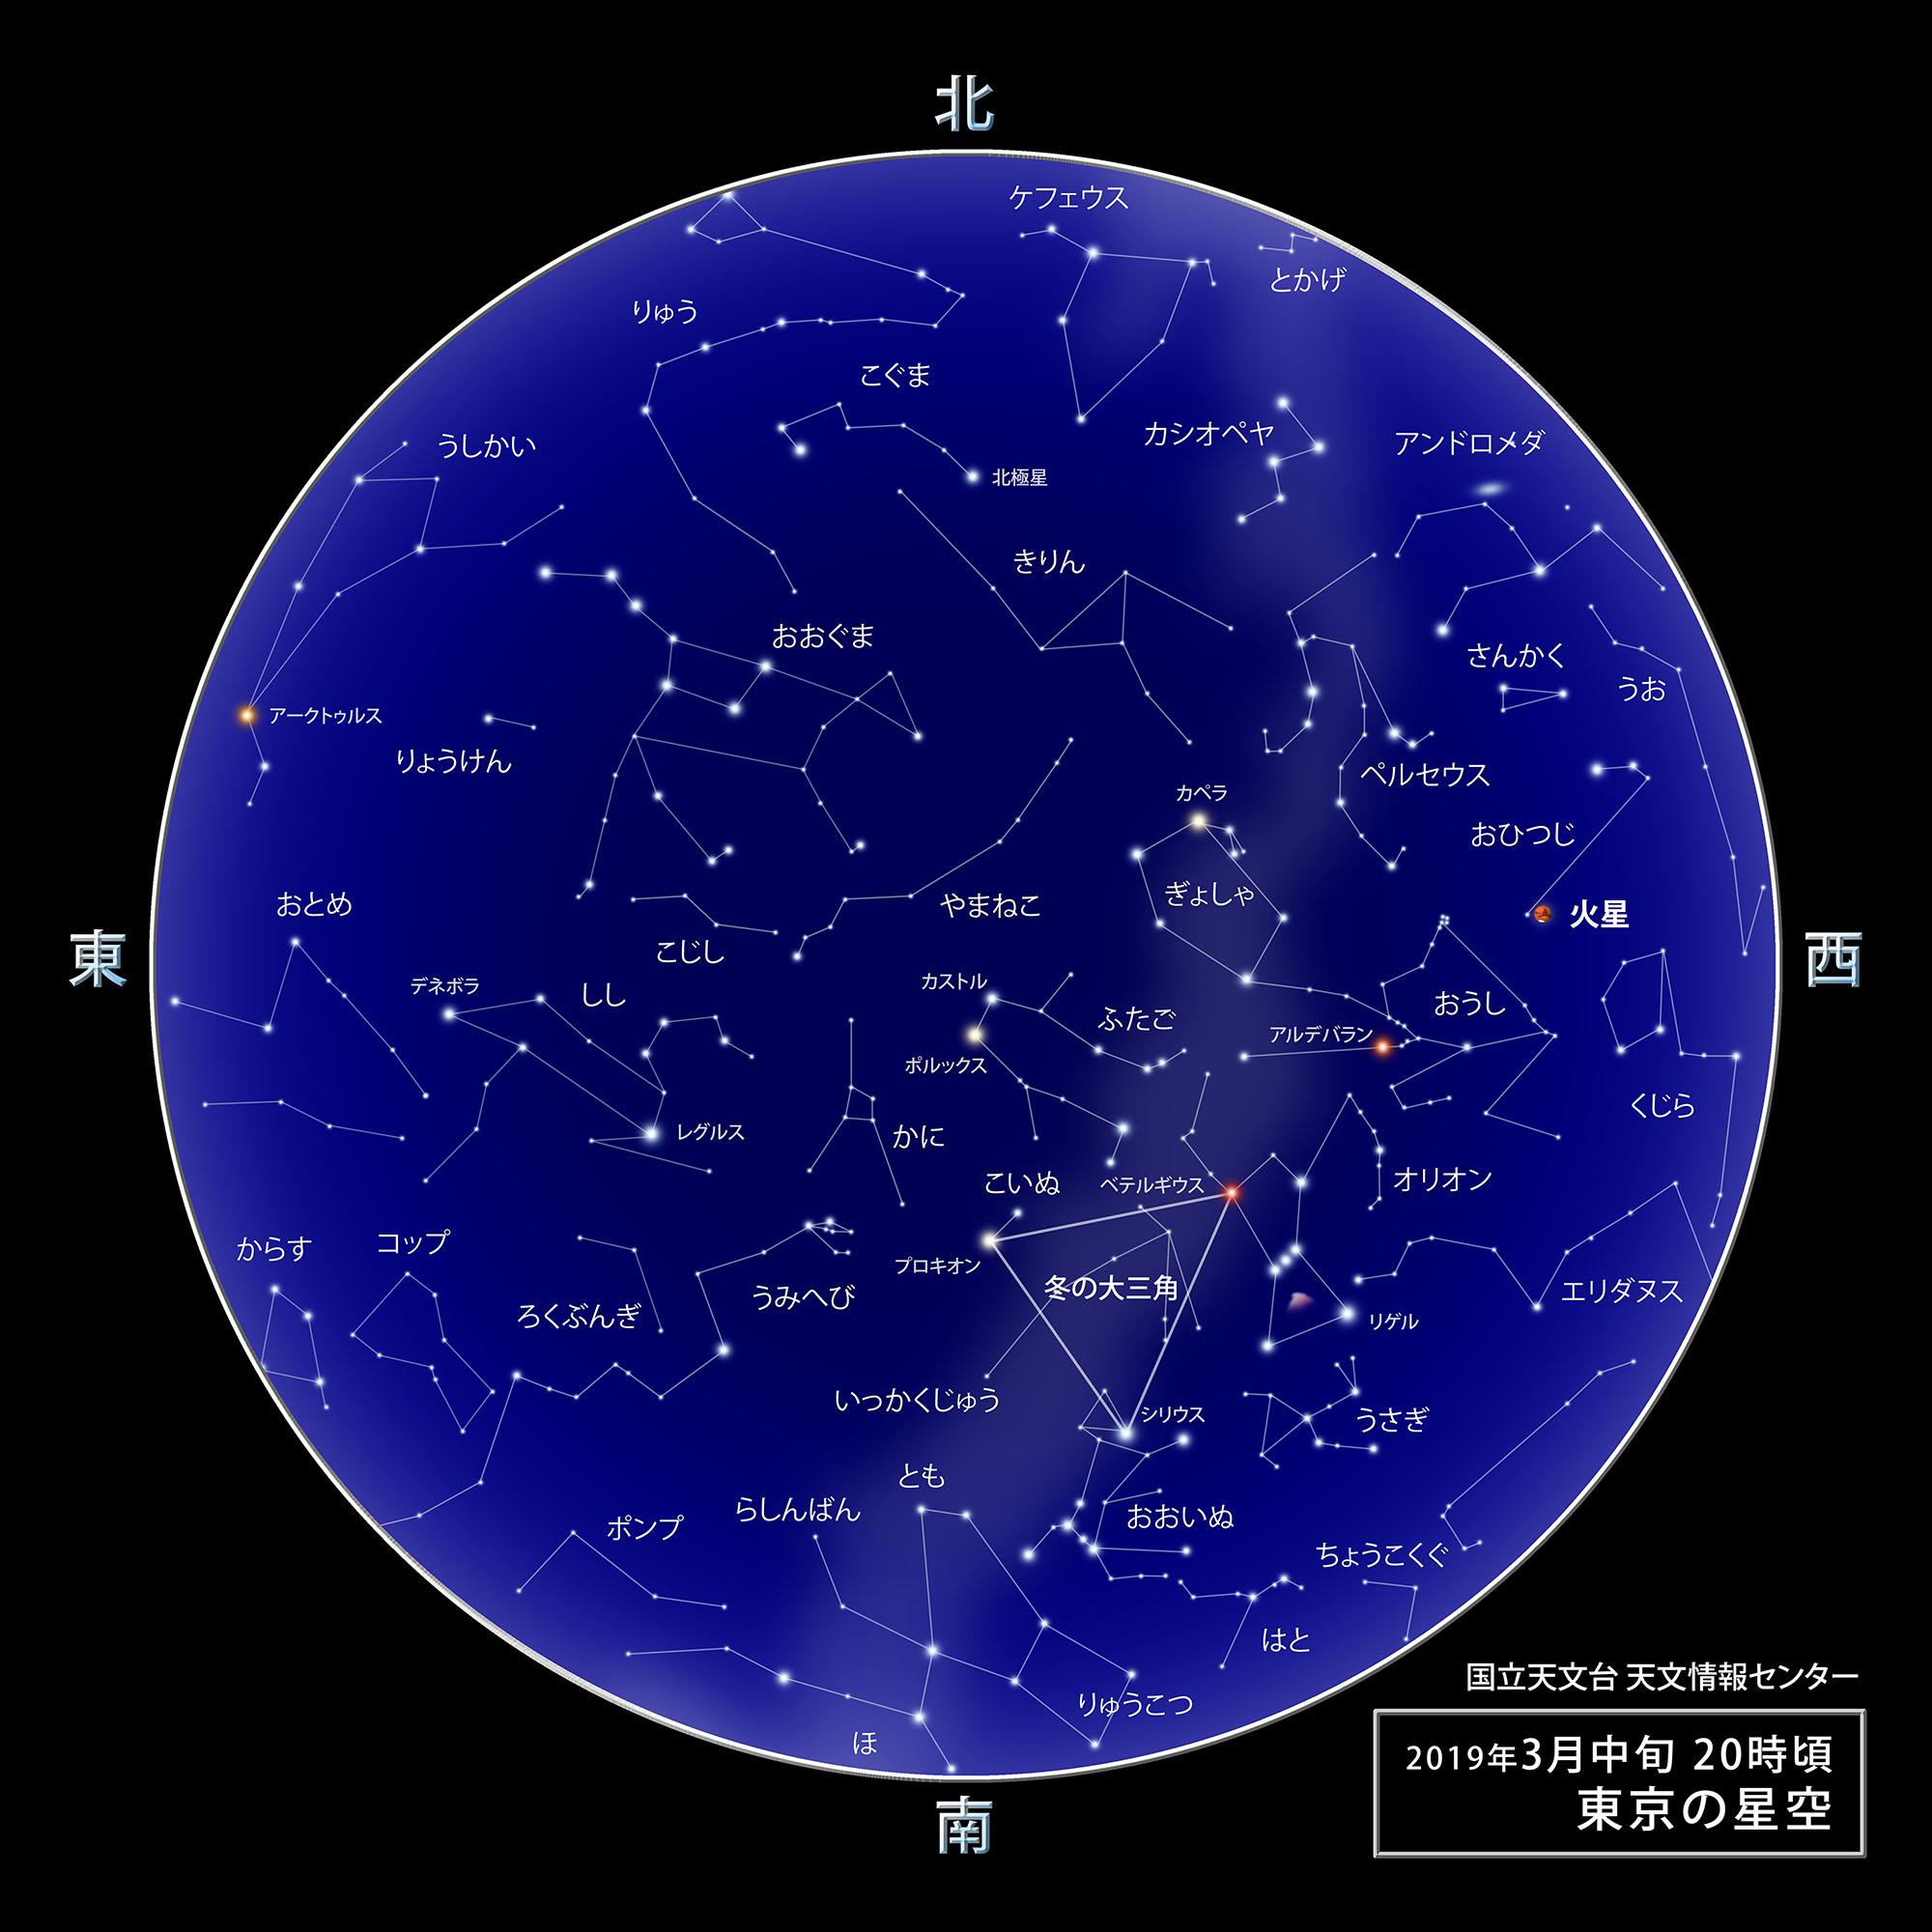 https://www.nao.ac.jp/contents/astro/sky/2019/03/sky-m.jpg